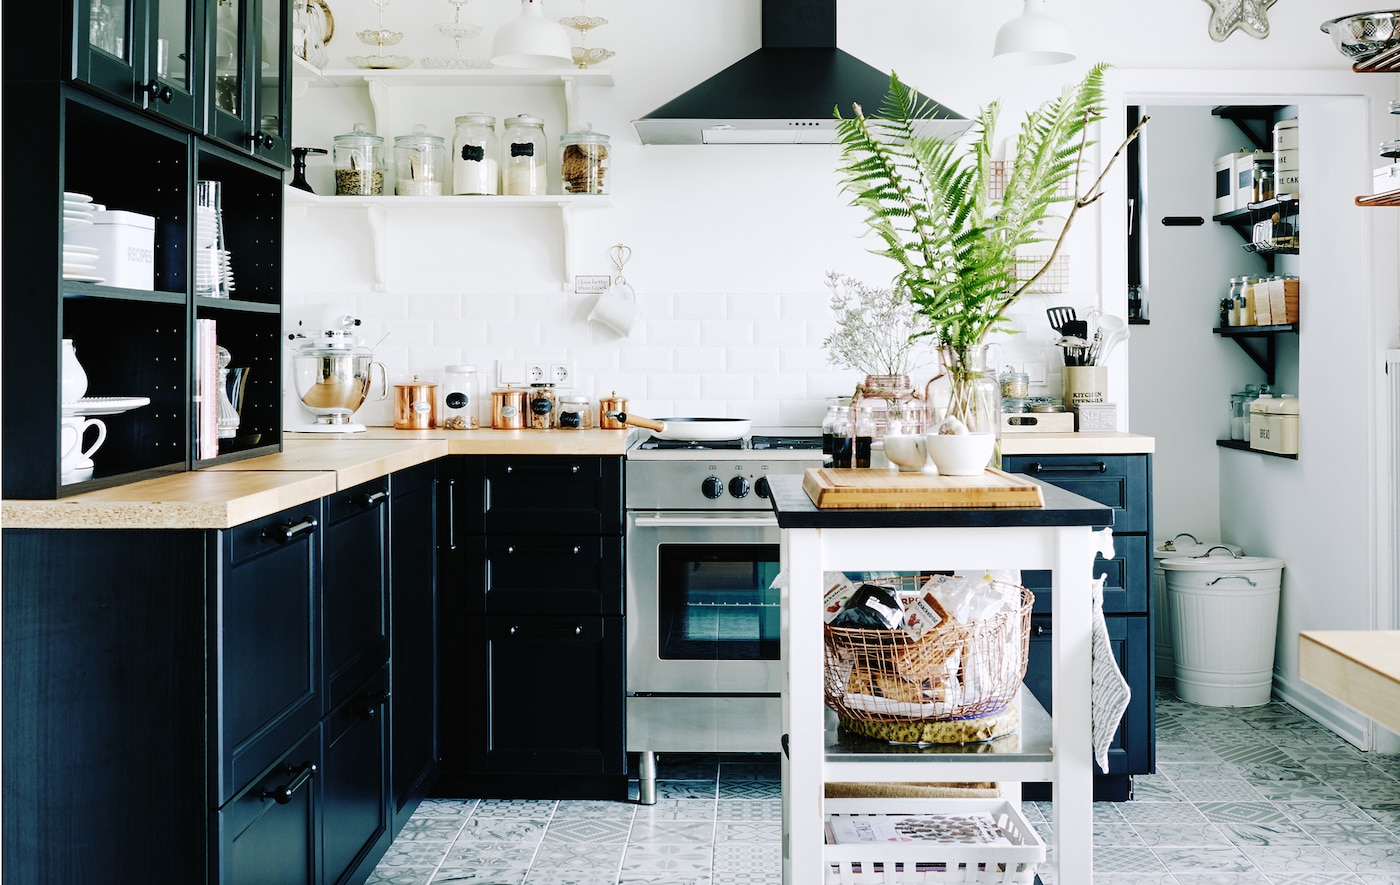 Una cucina perfettamente organizzata stimola la creatività - IKEA